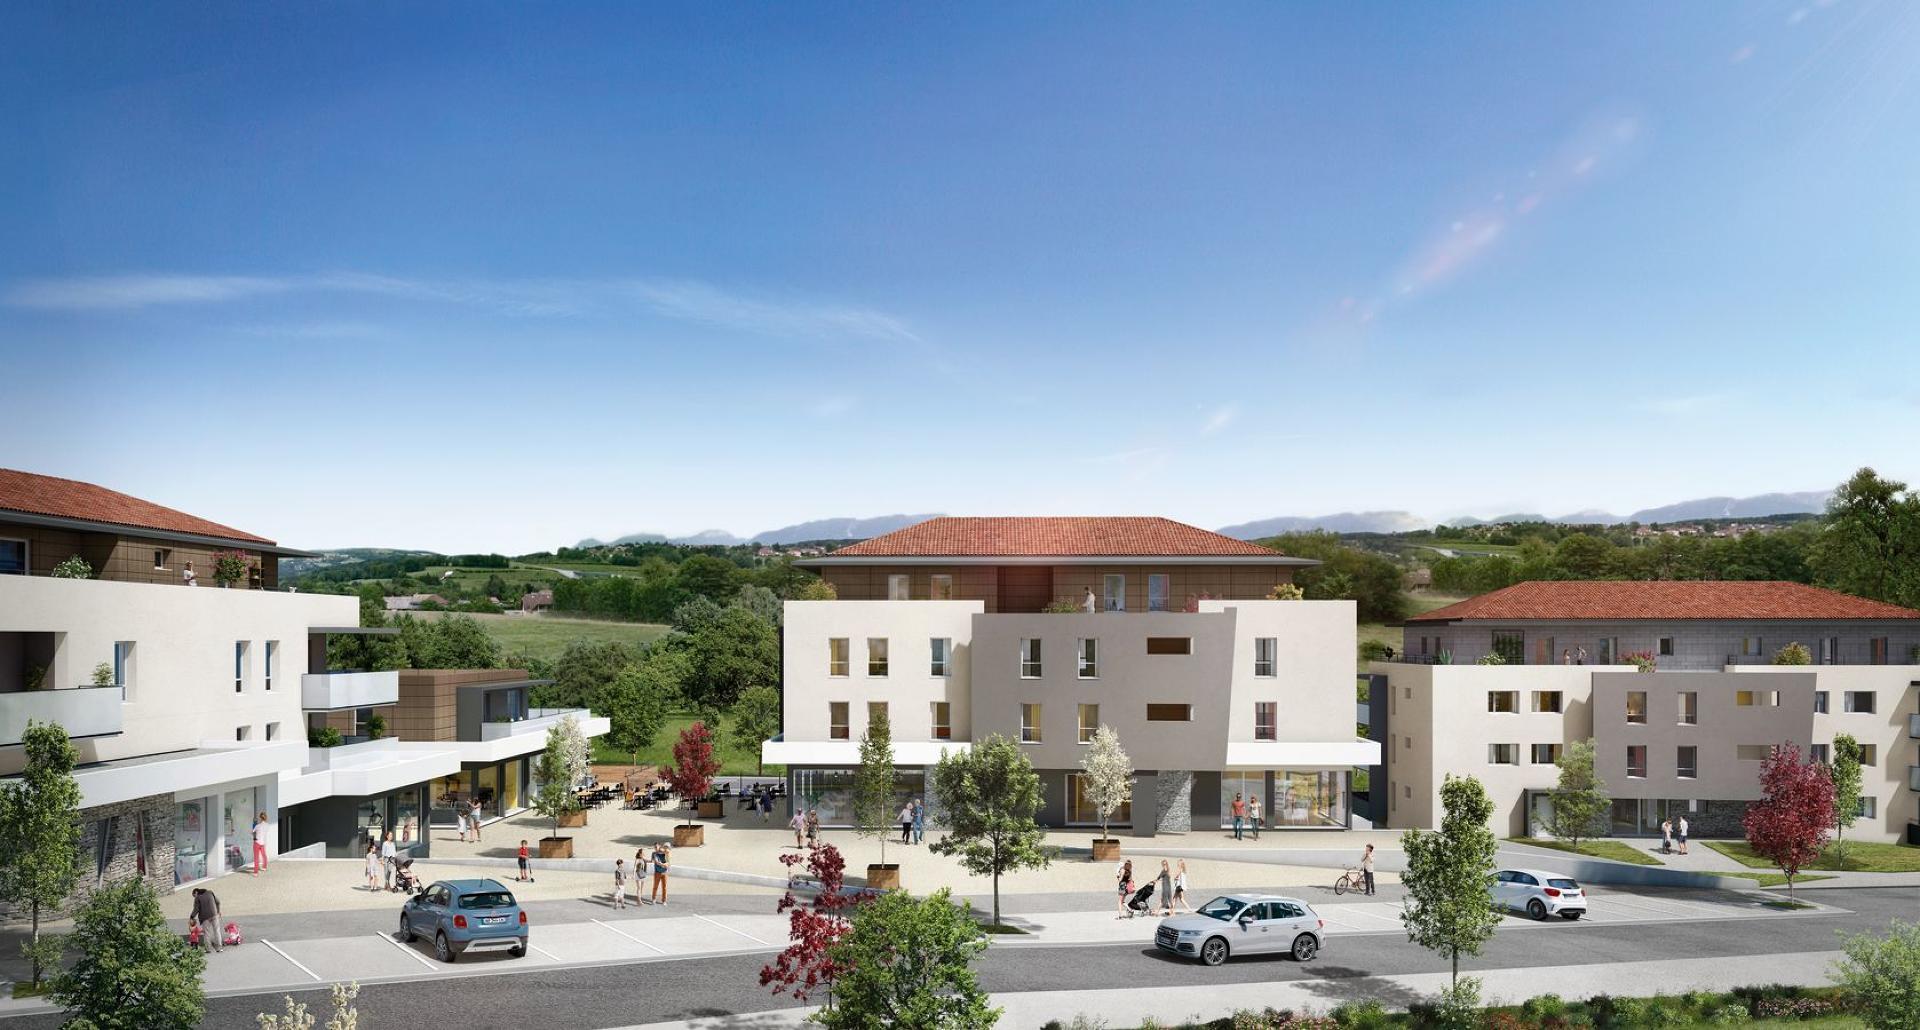 Programme immobilier CRA10 appartement à Allonzier-La-Caille (74350) Un futur lieu de vie prisé